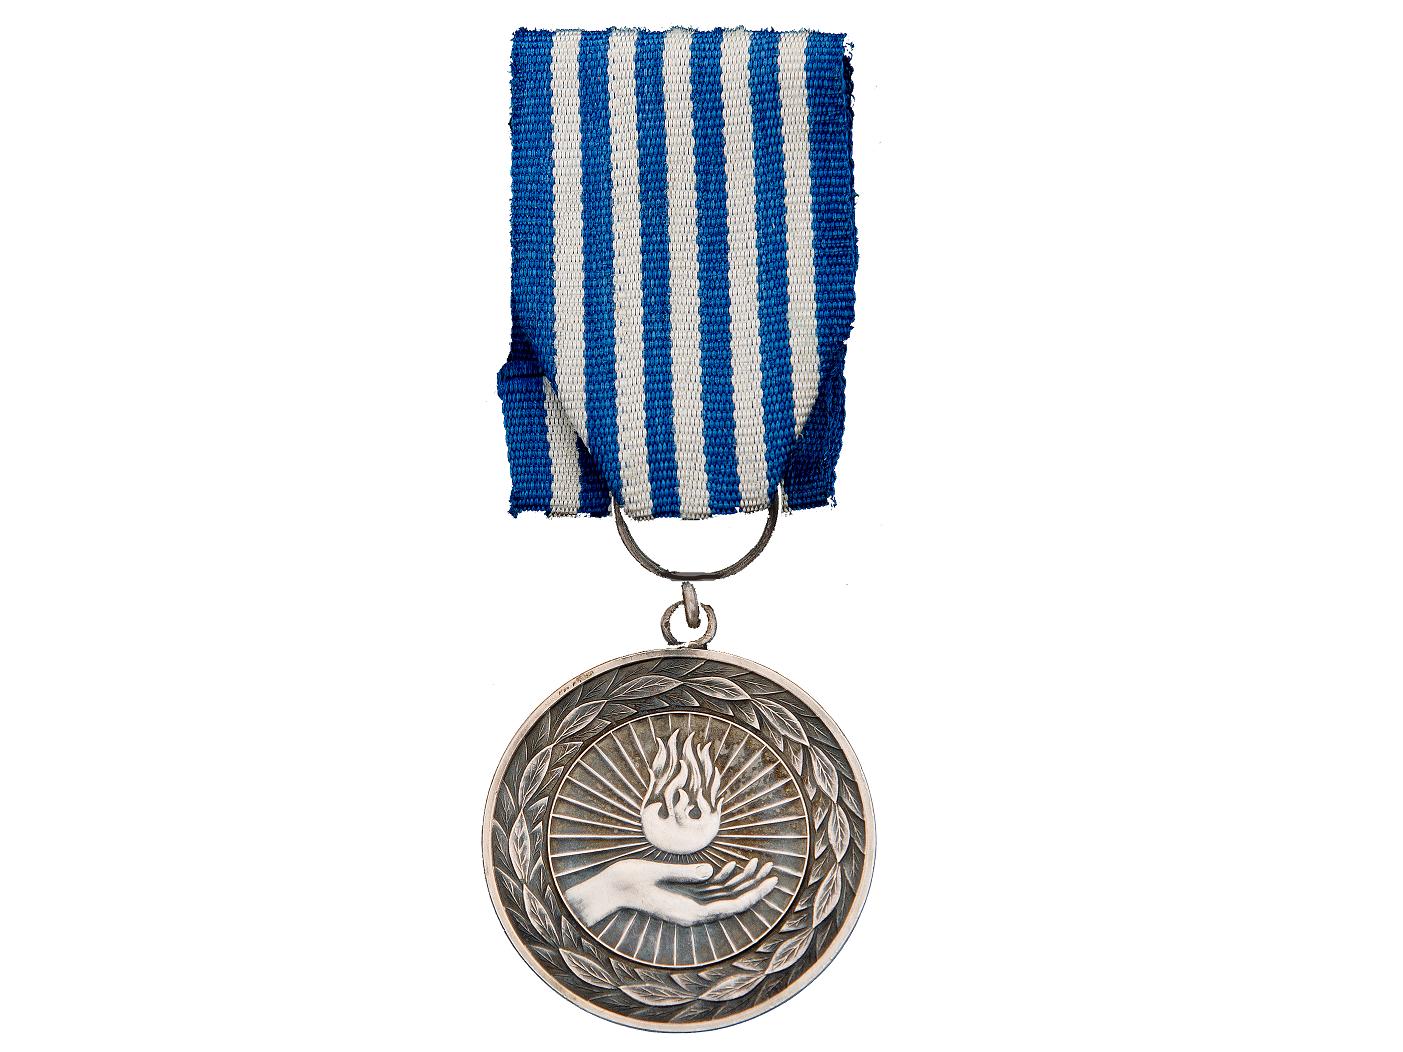 Hjalte fick medalj av bjorck